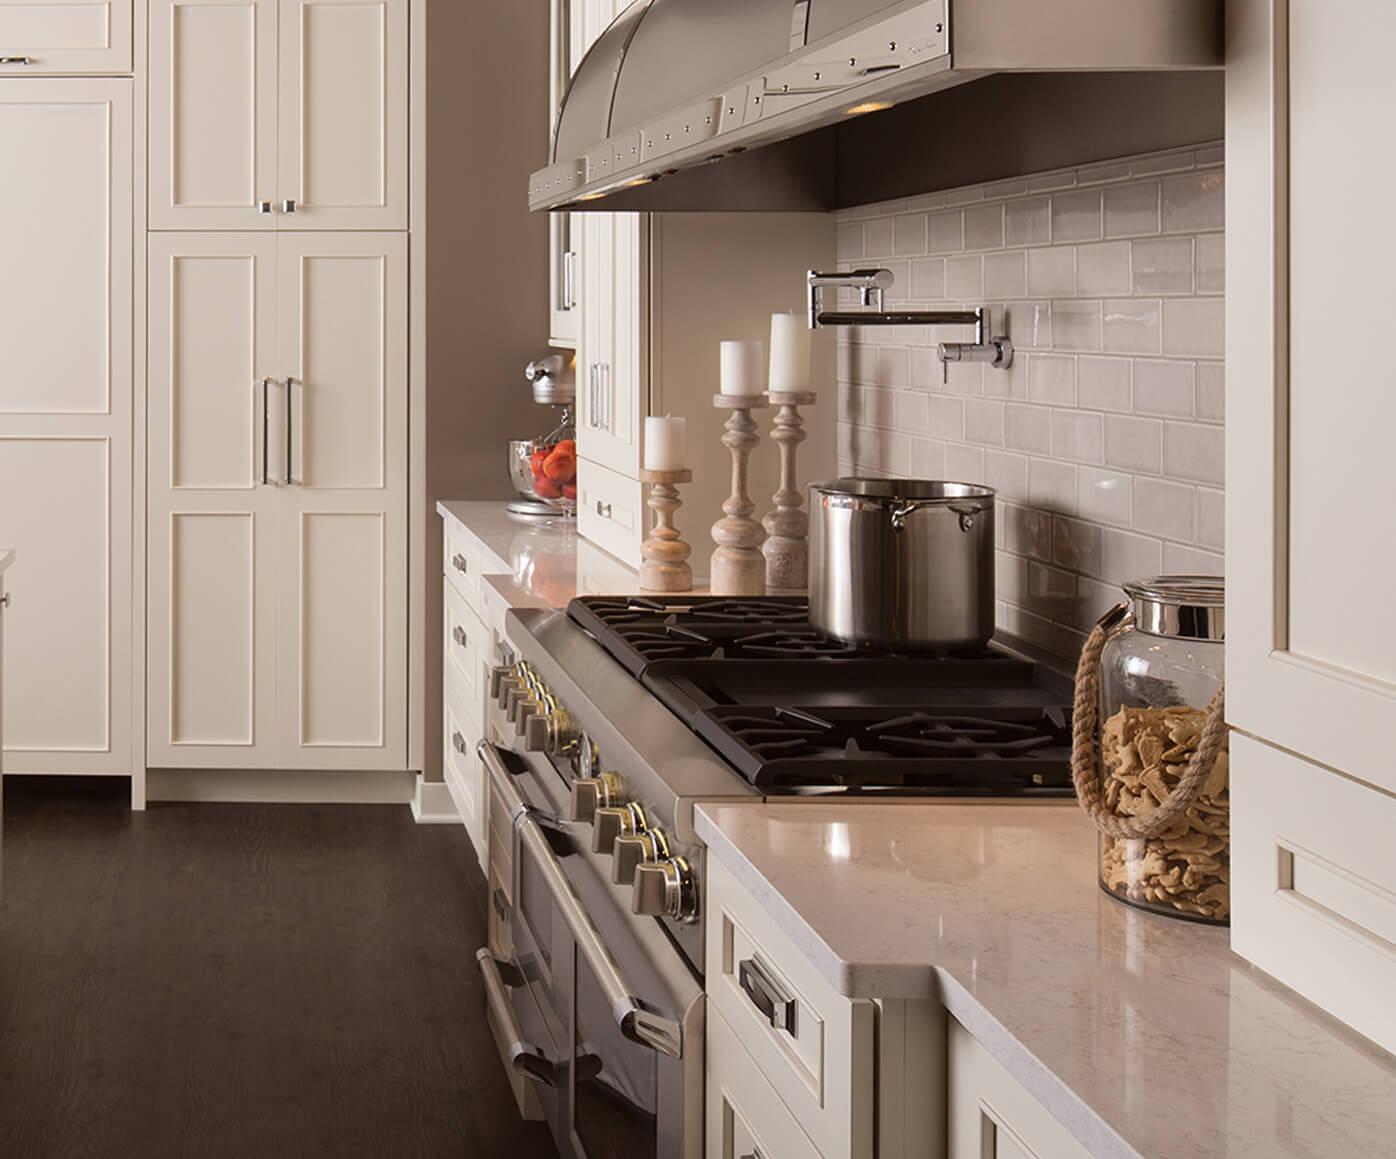 Dura Supreme kitchen design by Studio M Kitchen & Bath, Minnesota.